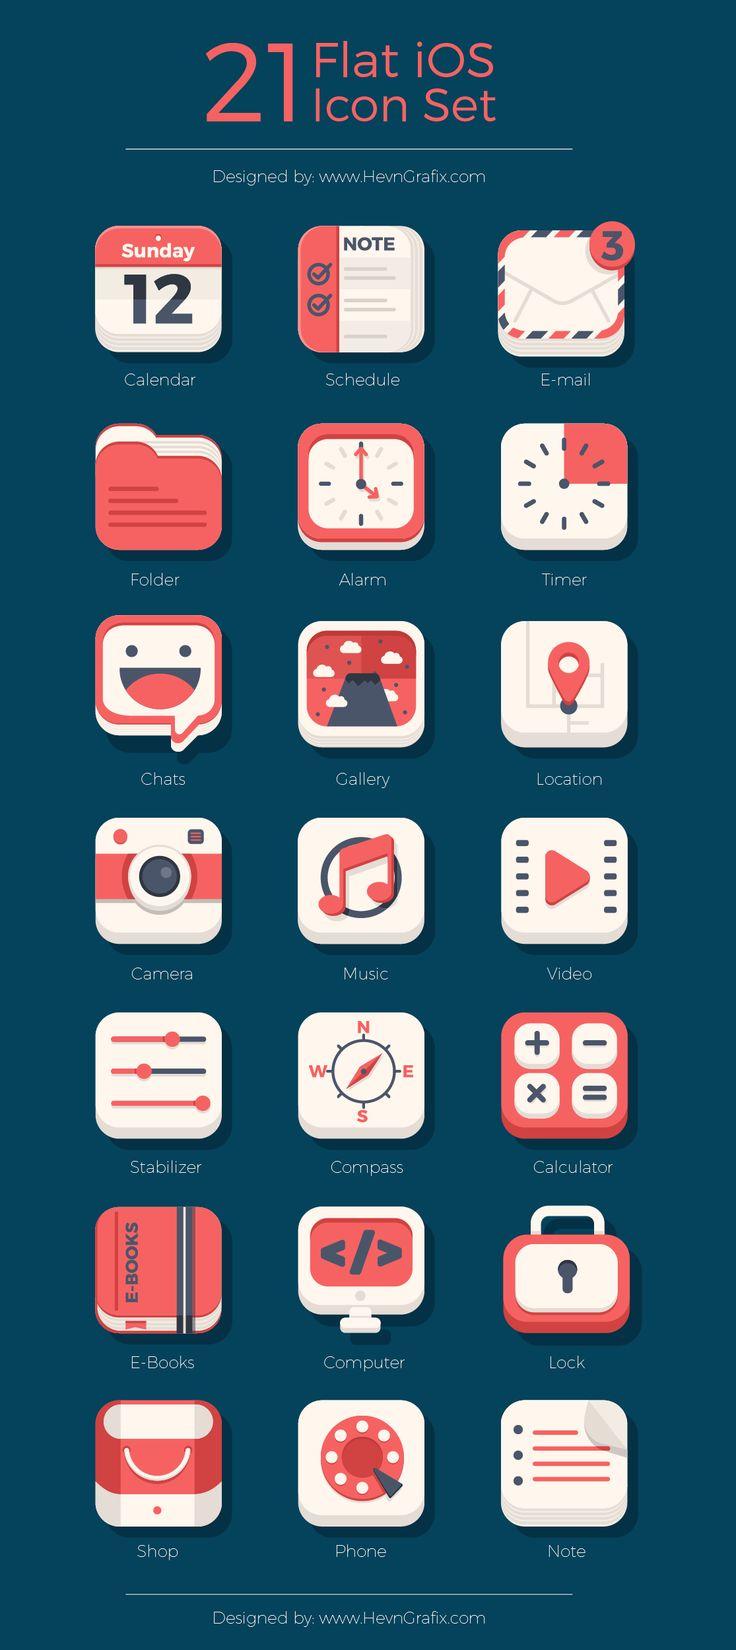 Free 21 Flat iOS Icon Set Ios icon, App icon design